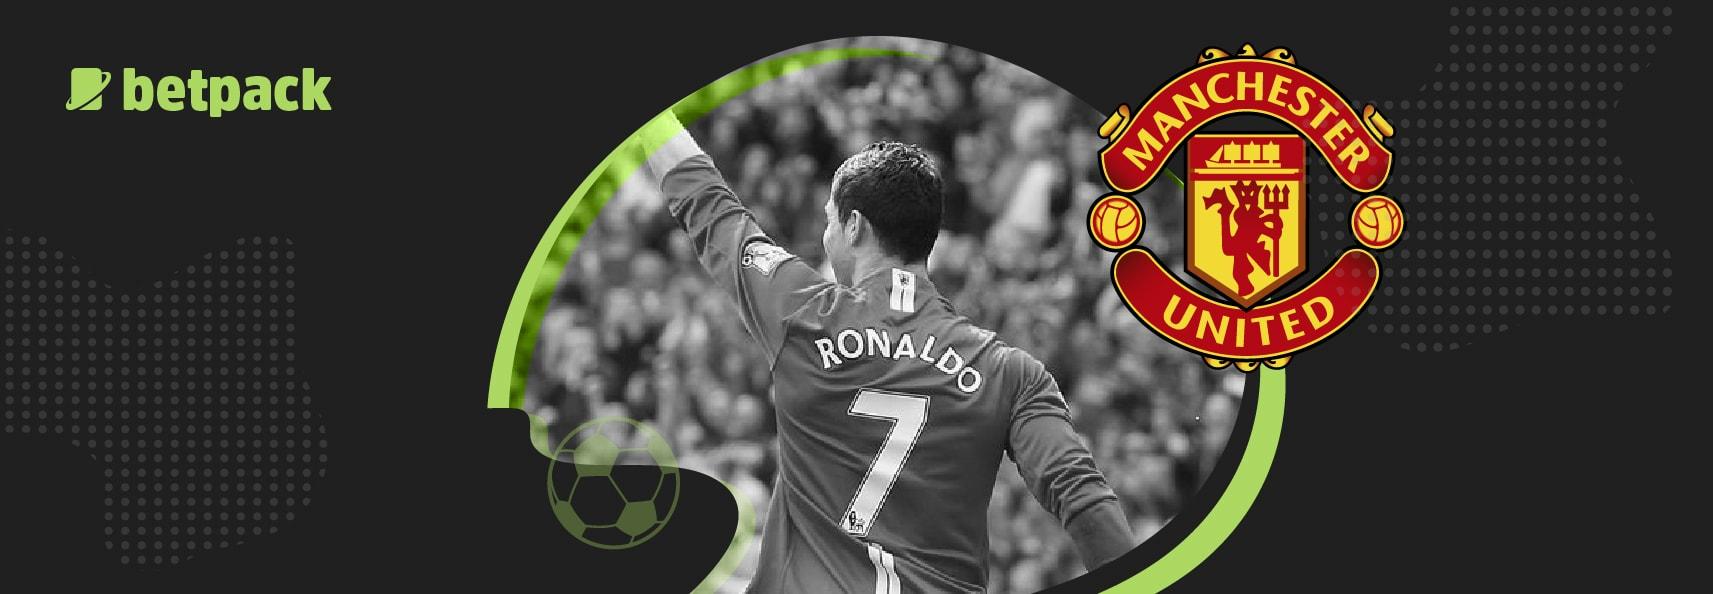 Cavani to relinquish No. 7 shirt to Ronaldo